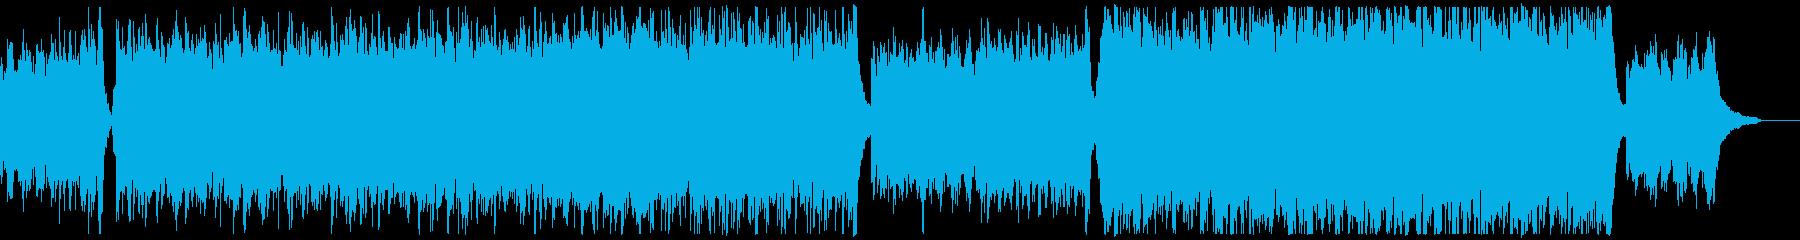 雄大シネマティックピアノ:フル1回の再生済みの波形